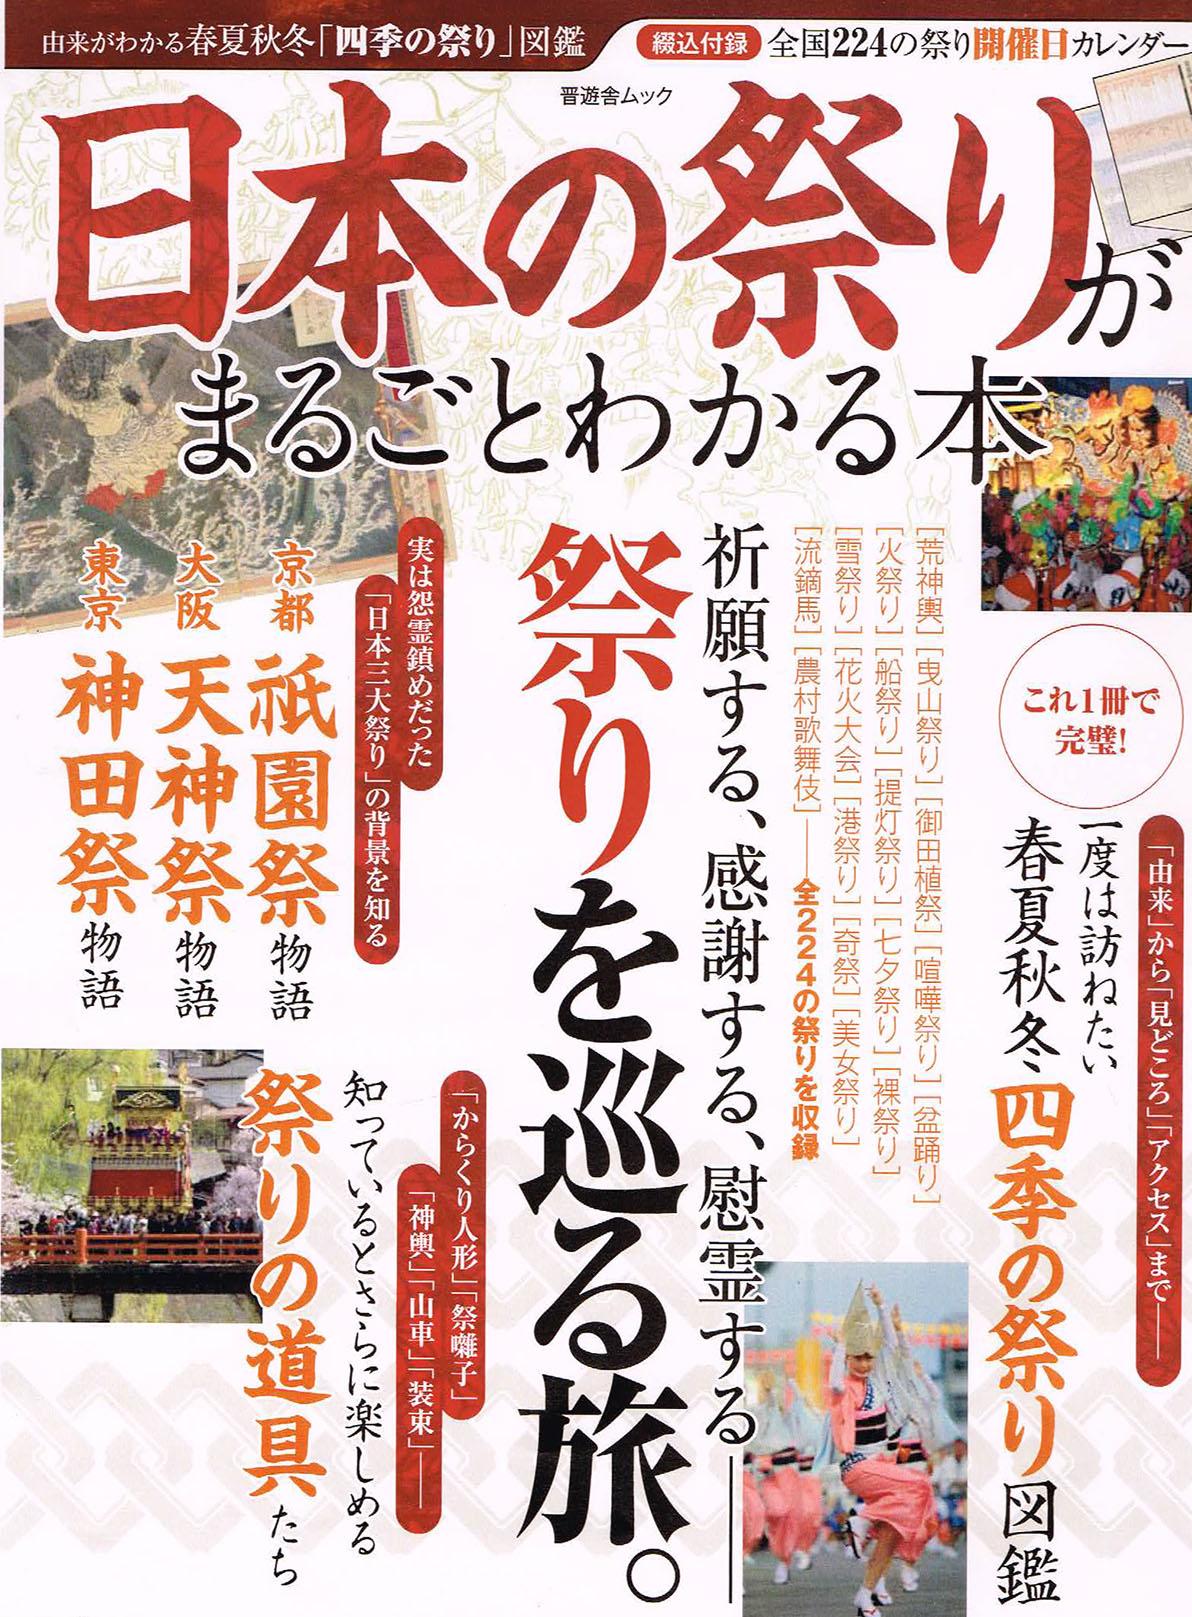 日本の祭がまるごとわかる本 芳賀日向監修